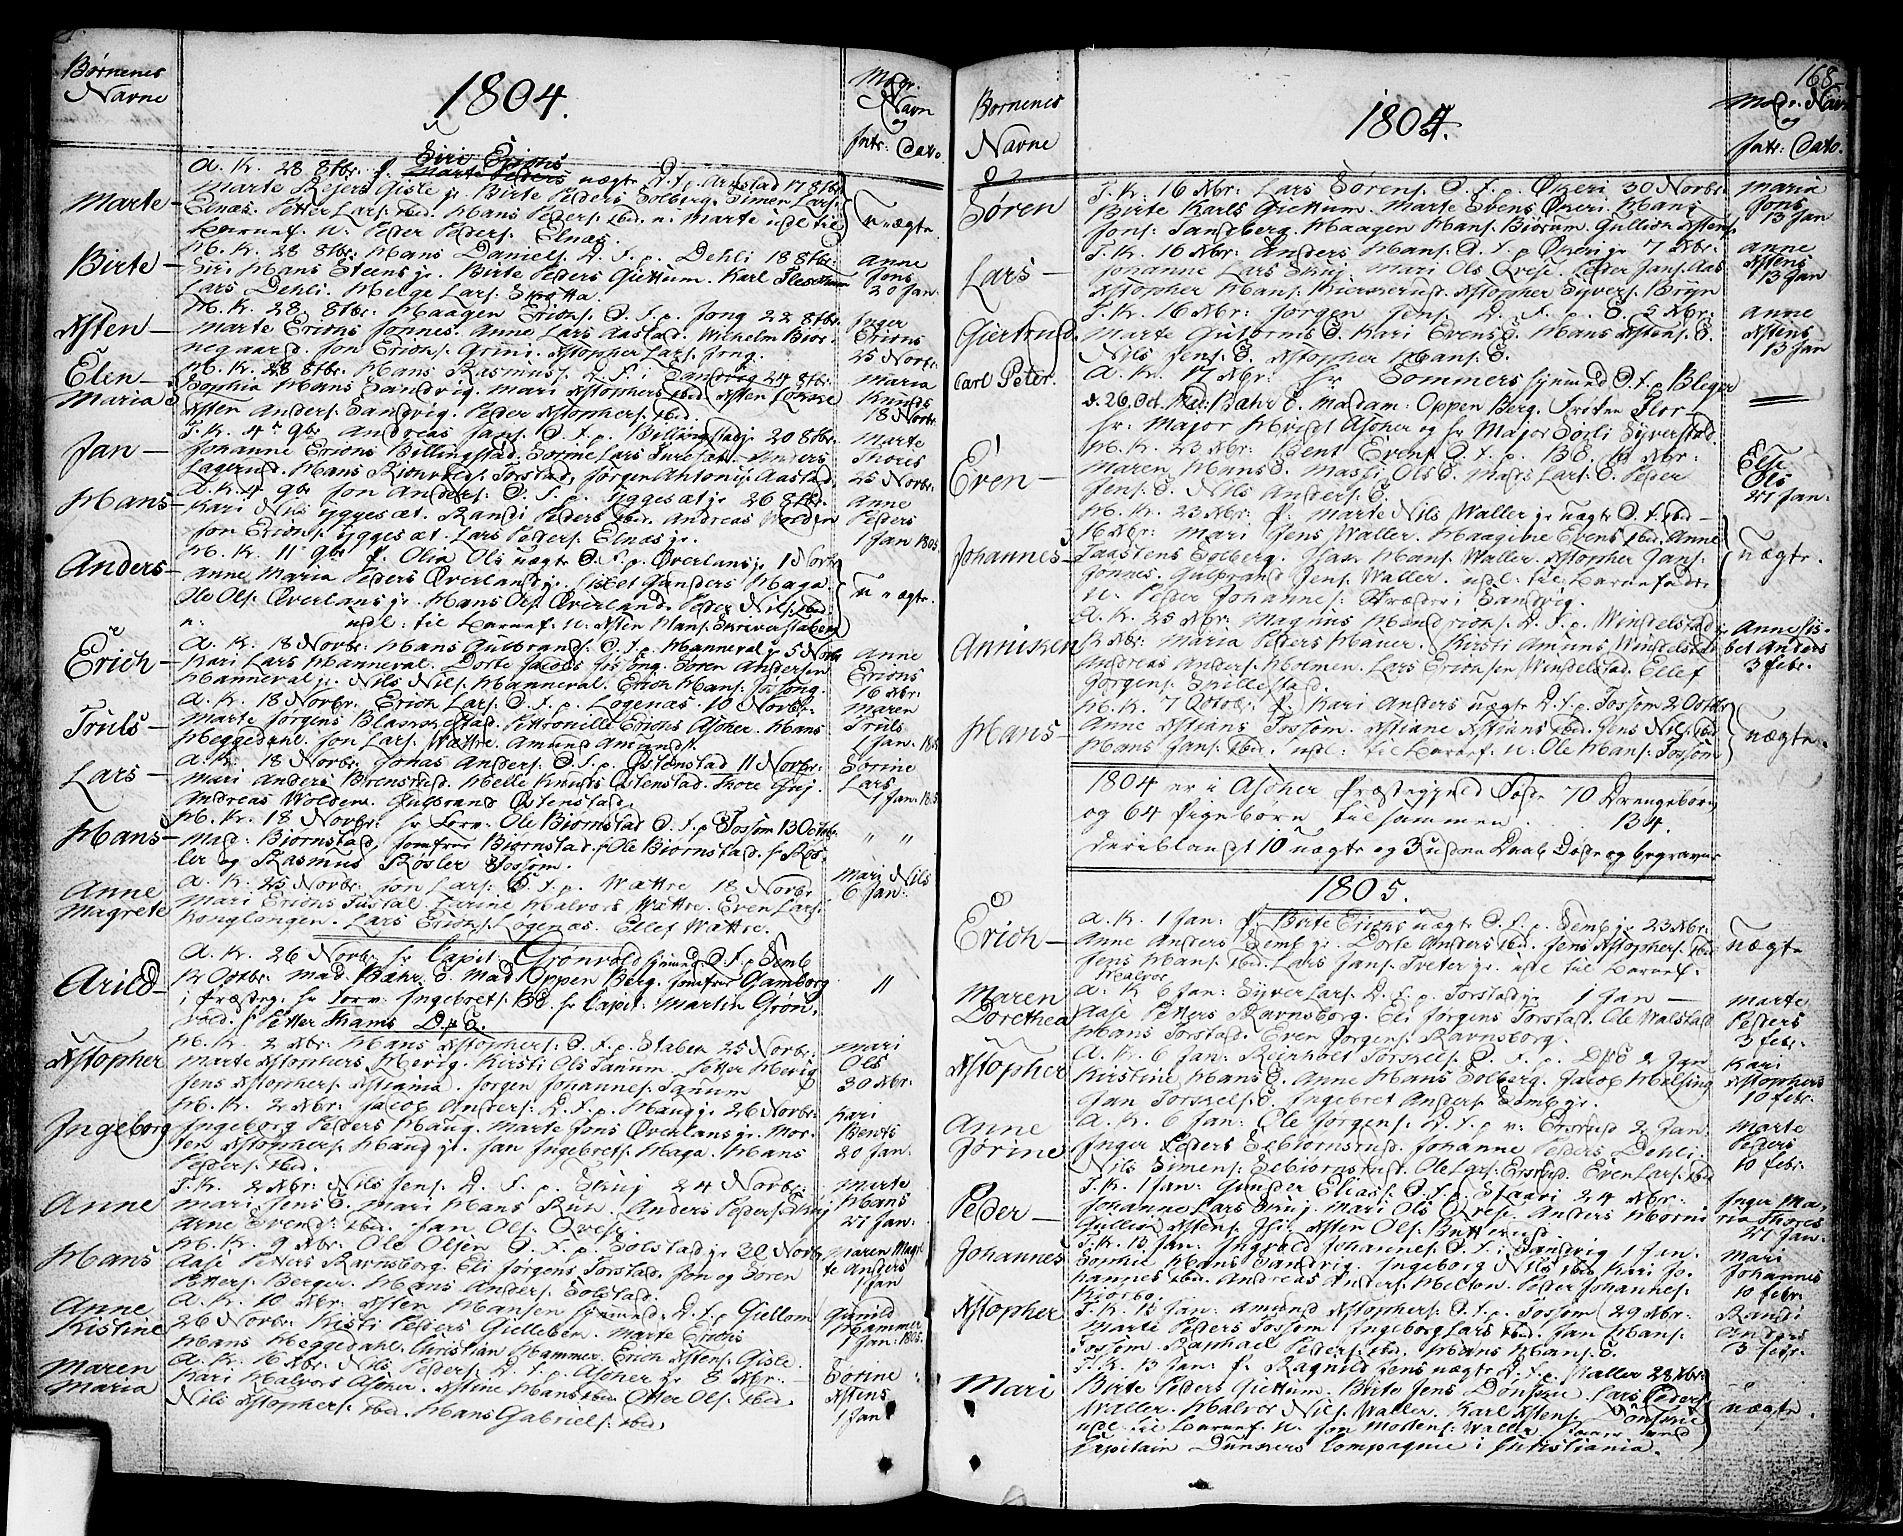 SAO, Asker prestekontor Kirkebøker, F/Fa/L0003: Ministerialbok nr. I 3, 1767-1807, s. 168